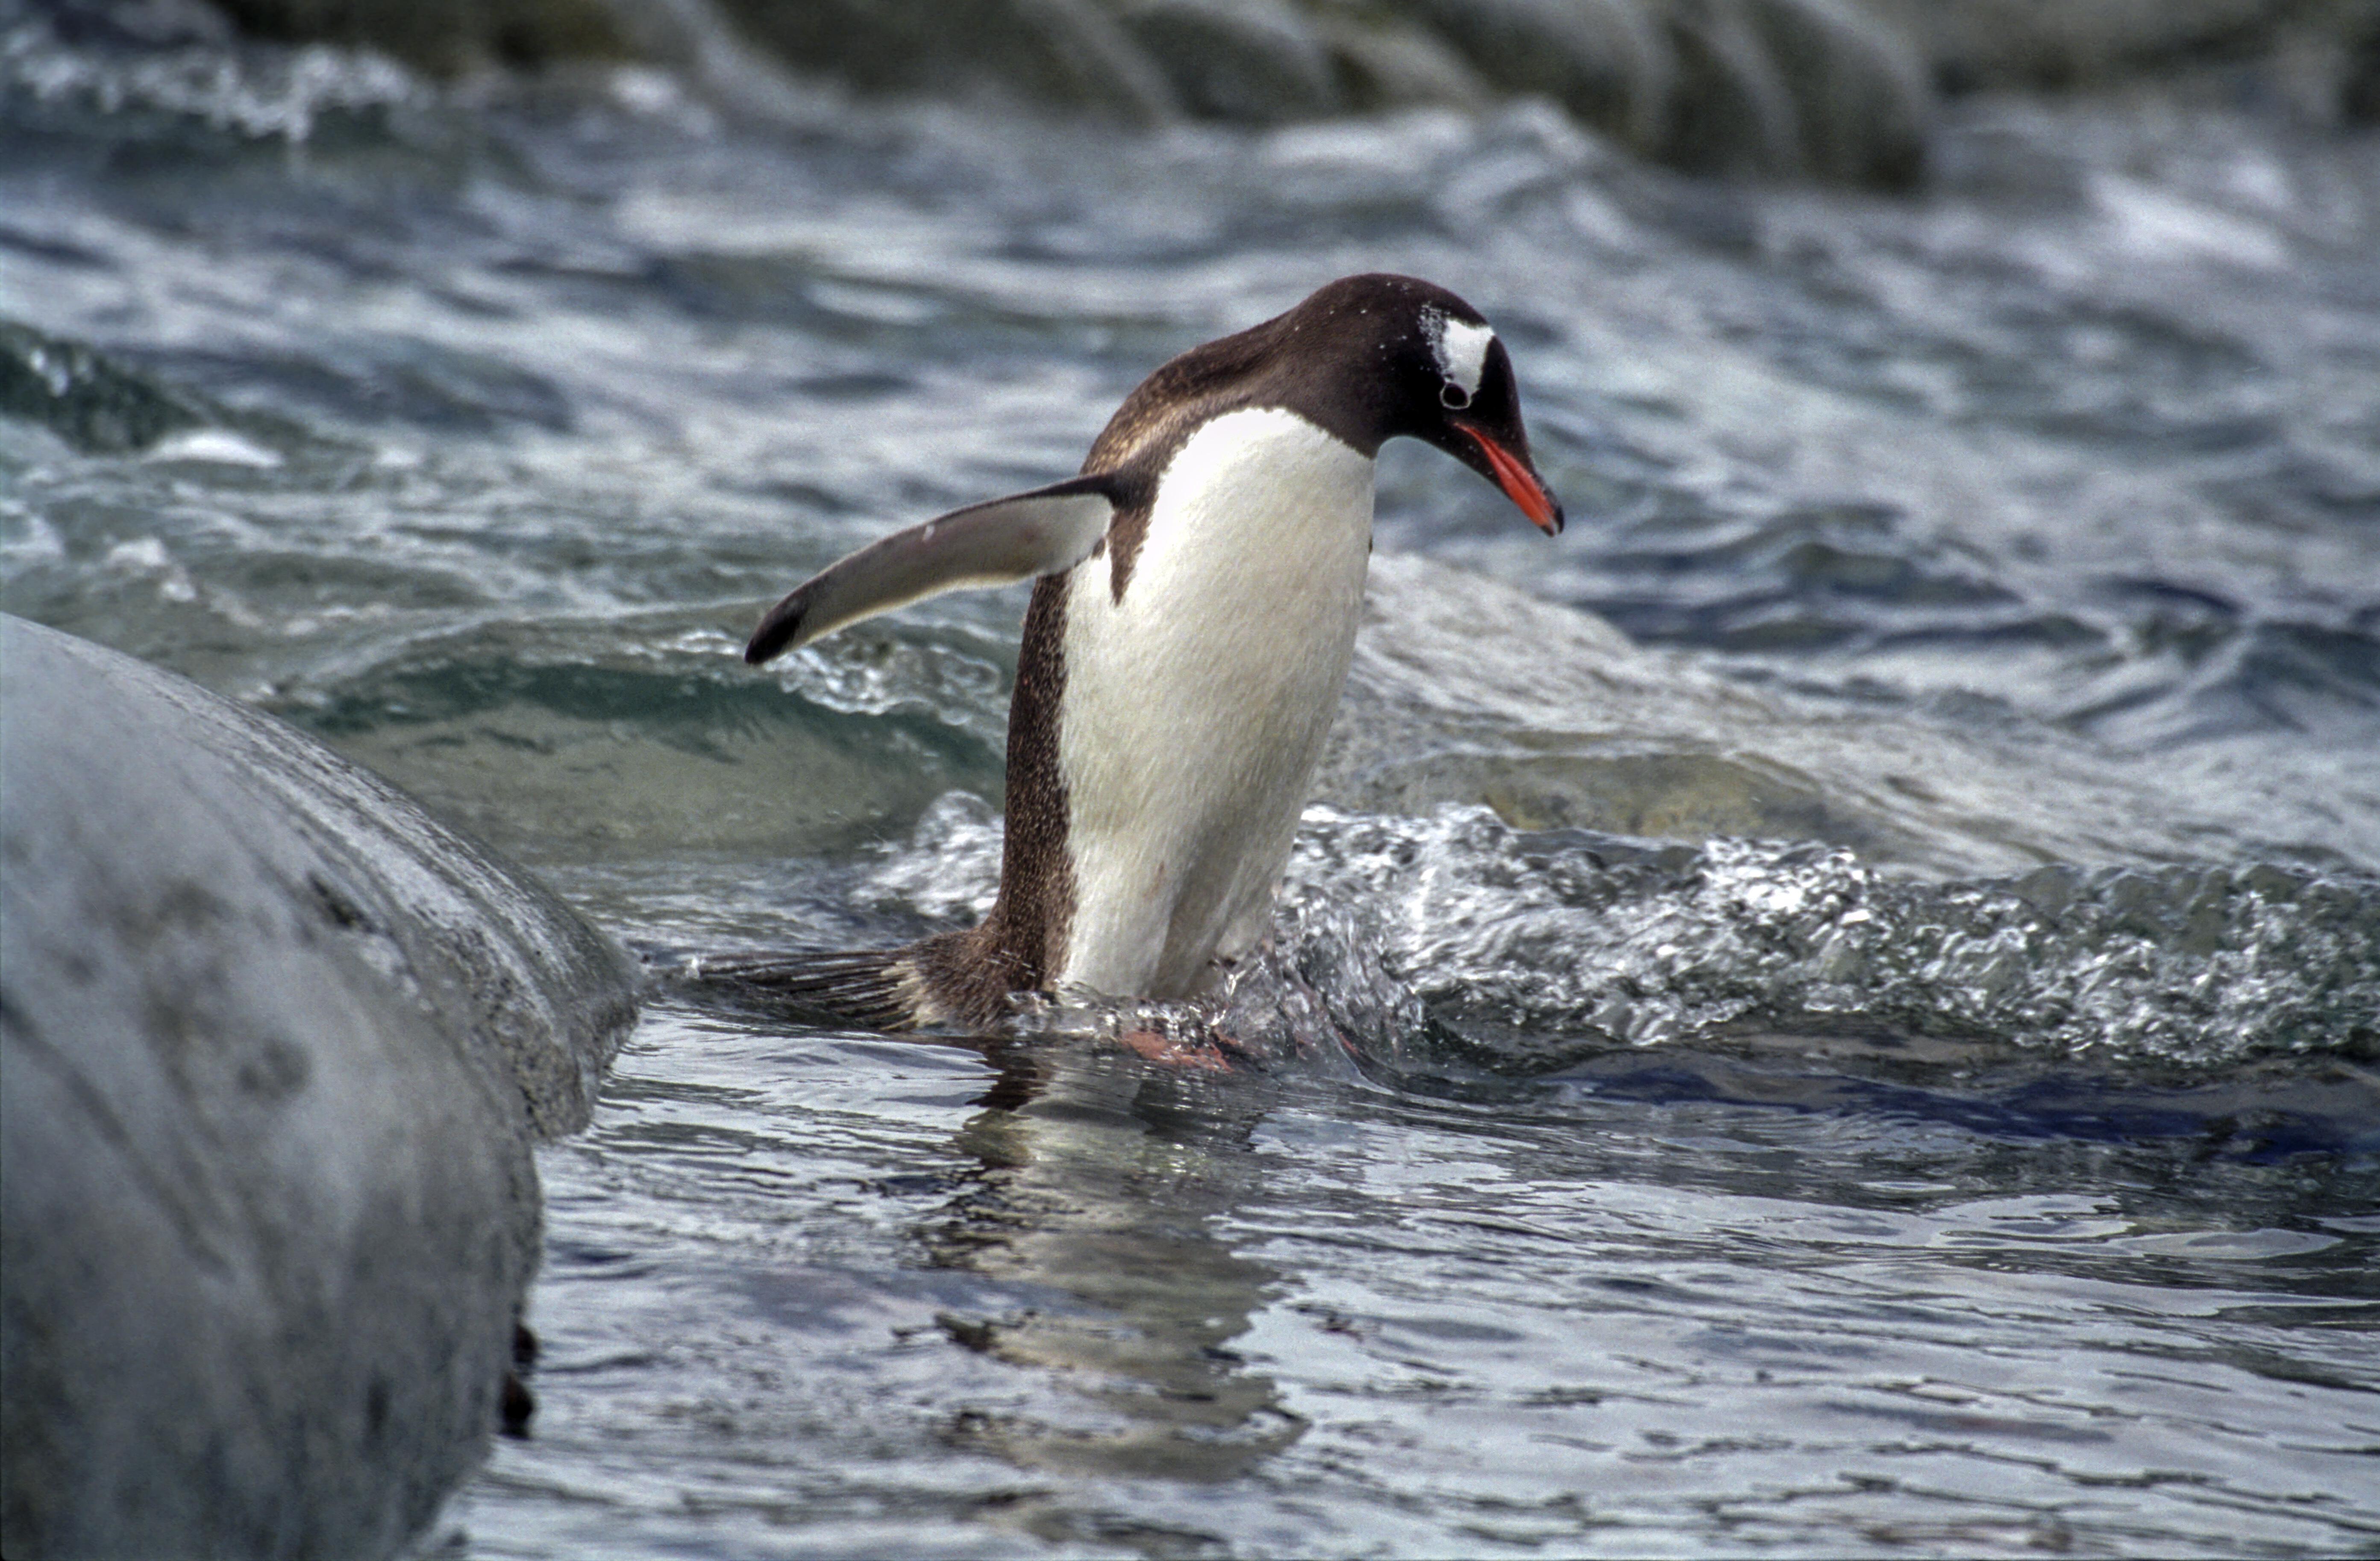 Gentoo Penguin photo by Jerzy Strzelecki